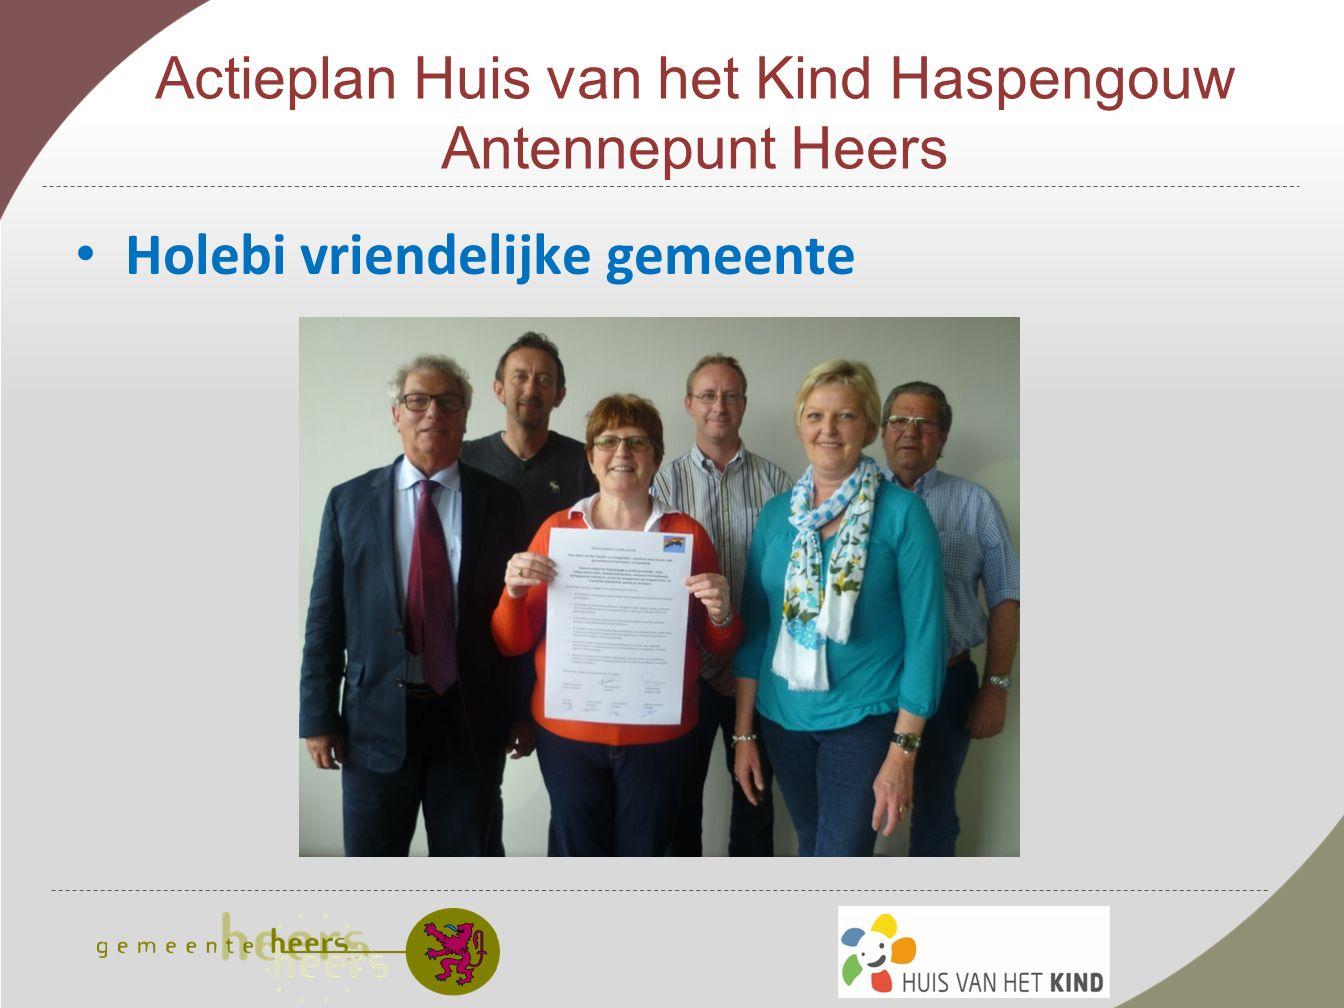 Actieplan Huis van het Kind Haspengouw Antennepunt Heers Holebi vriendelijke gemeente